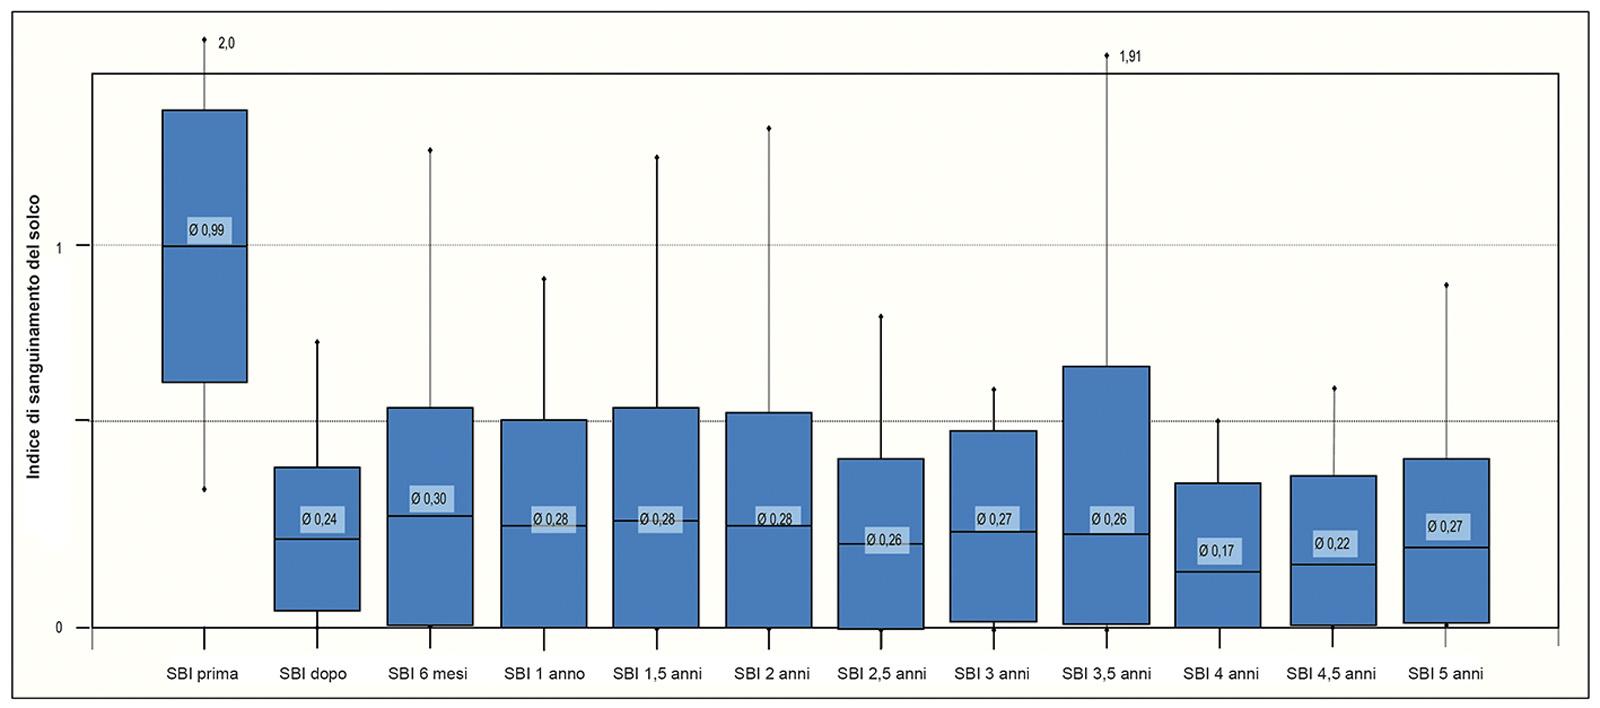 2. Evoluzione dell'indice di sanguinamento del solco in 5 anni.